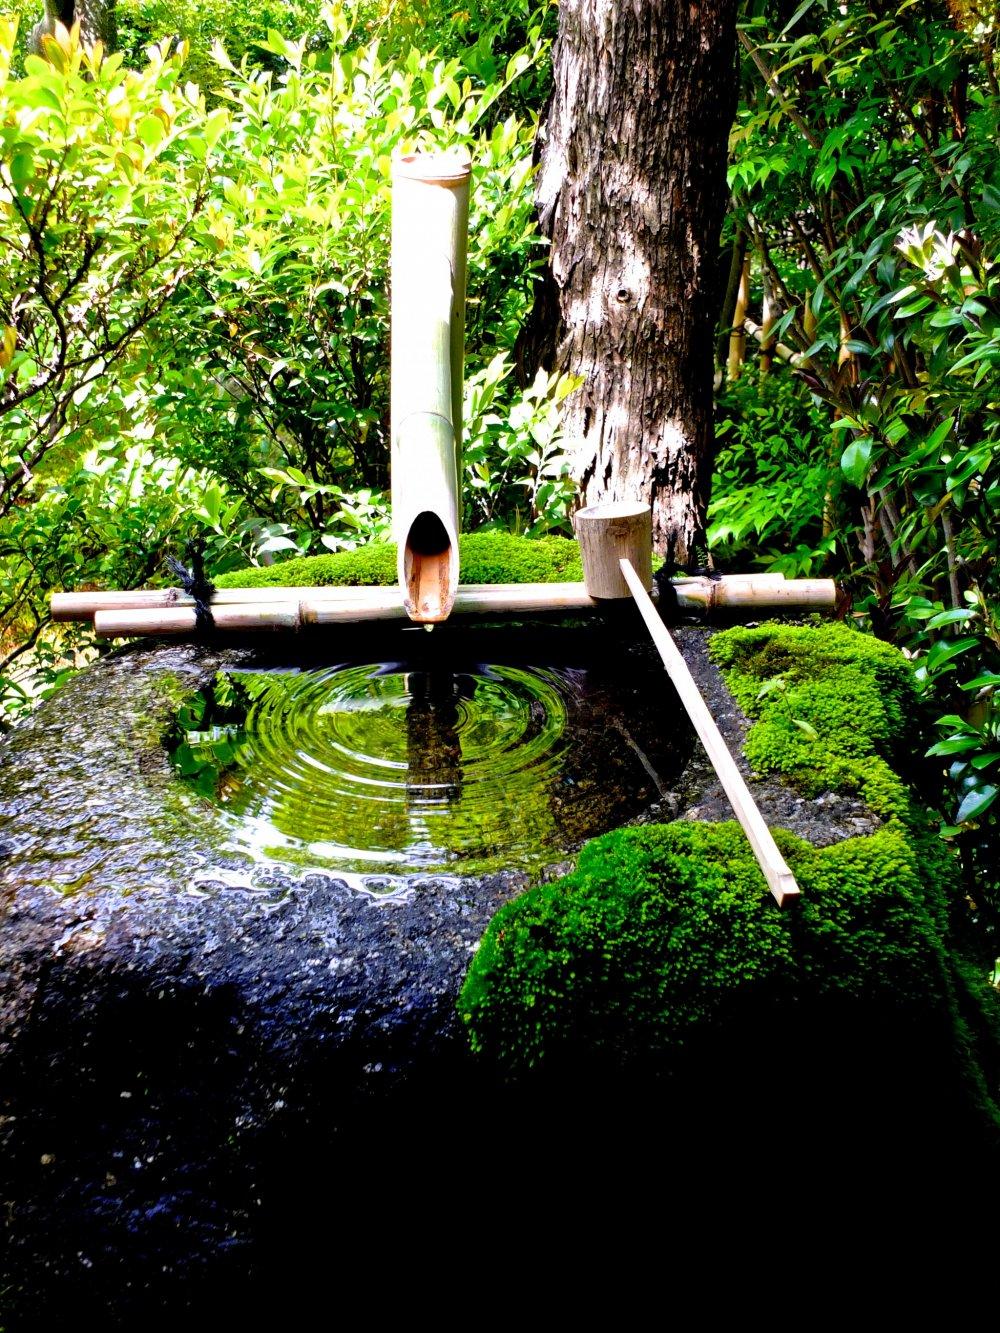 อ่างน้ำที่มีตะไคร่น้ำเกาะอยู่เต็มที่วัดไดโฮะ-อิน เป็นอ่างน้ำที่สวยงามเป็นอย่างยิ่ง